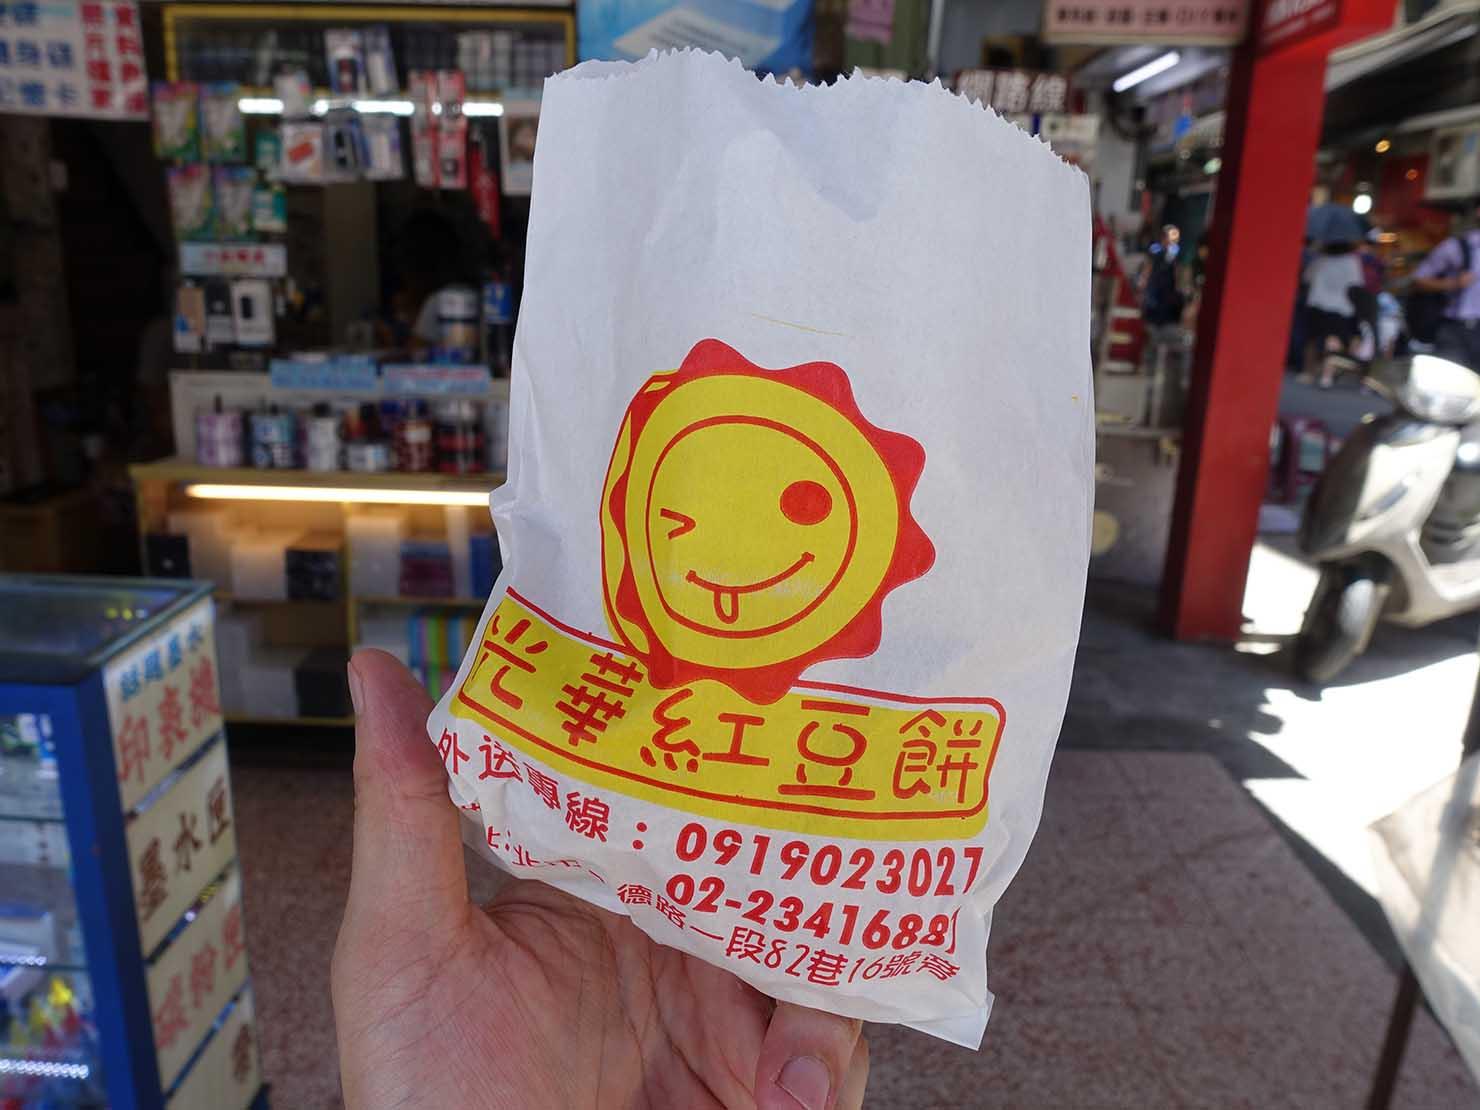 台北・忠孝新生駅周辺のおすすめグルメ店「光華紅豆餅」のテイクアウト用紙袋